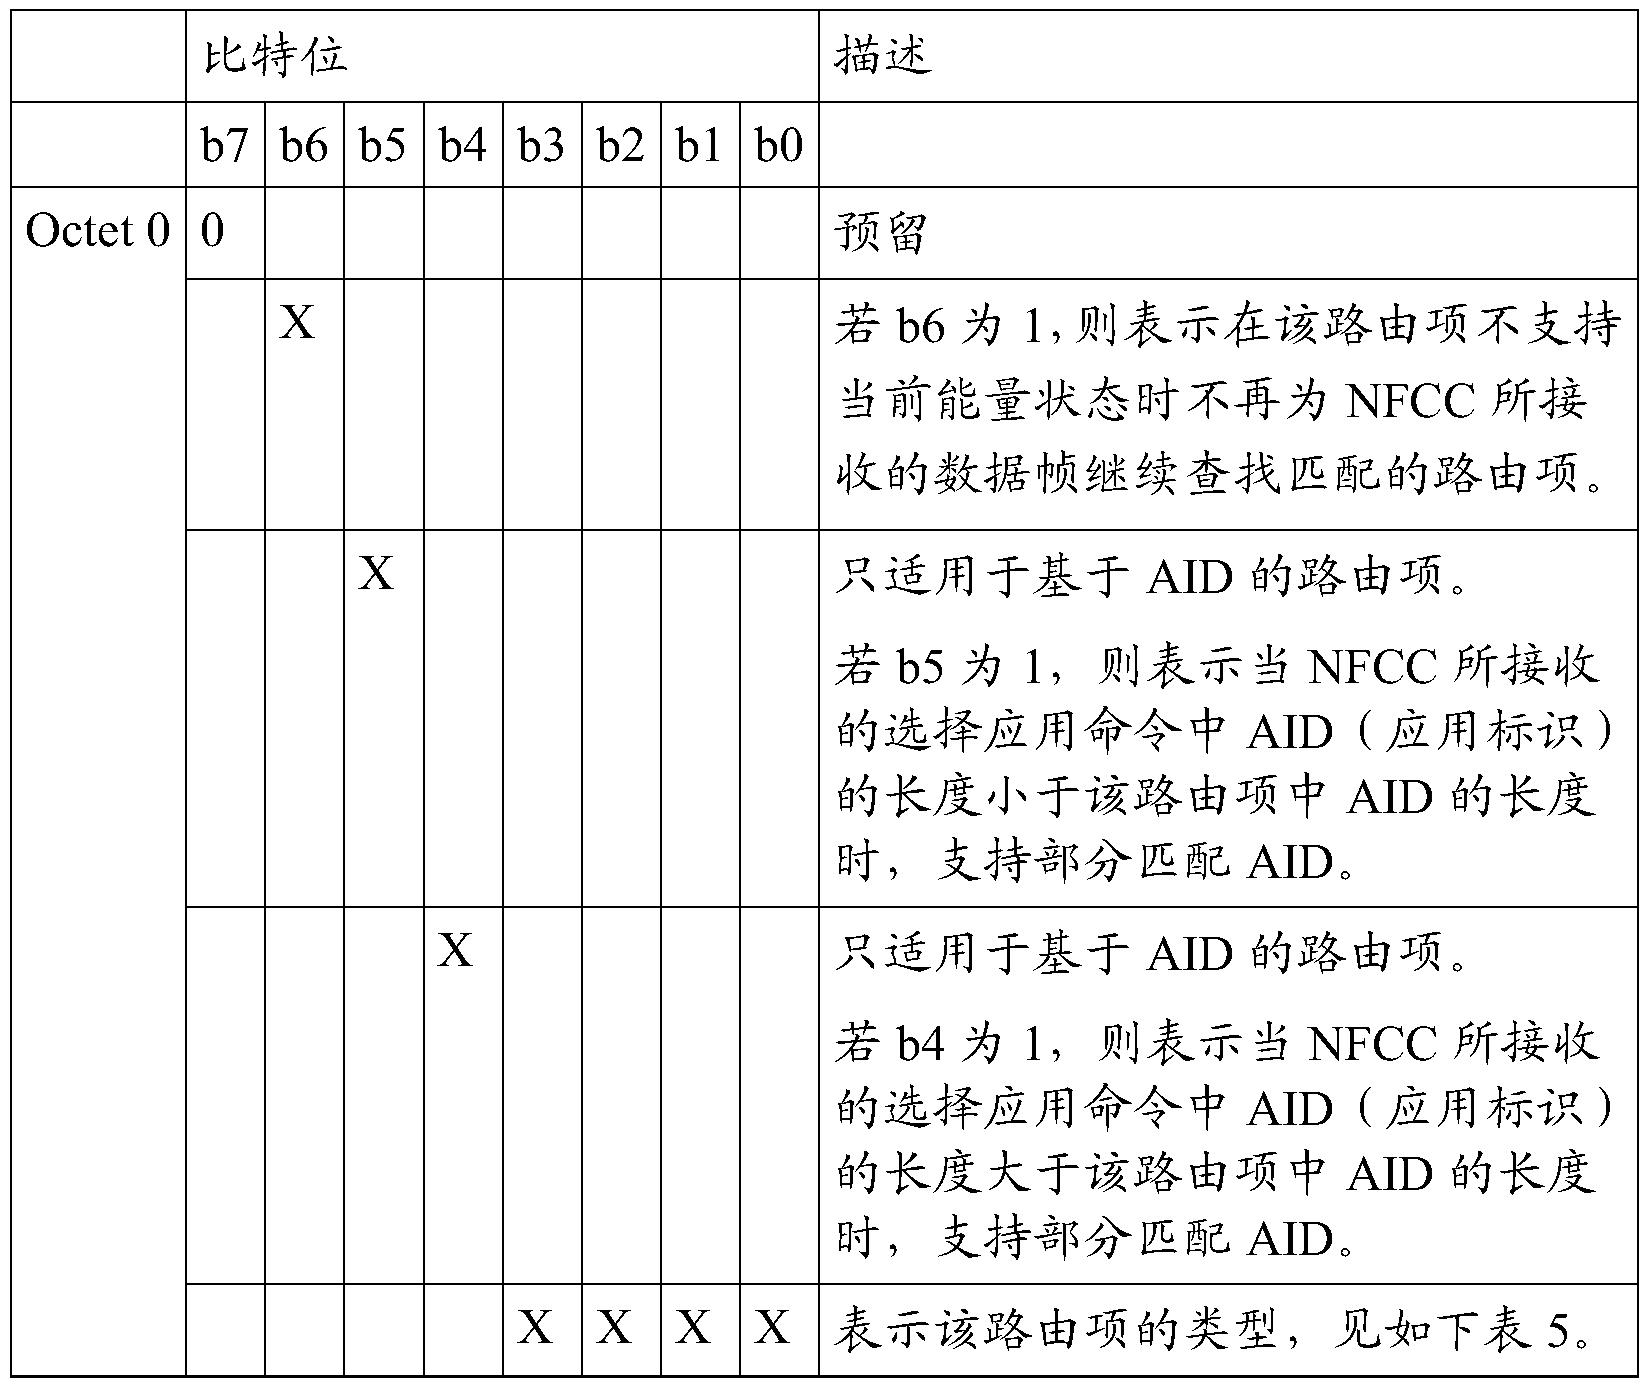 Figure PCTCN2014087999-appb-000004